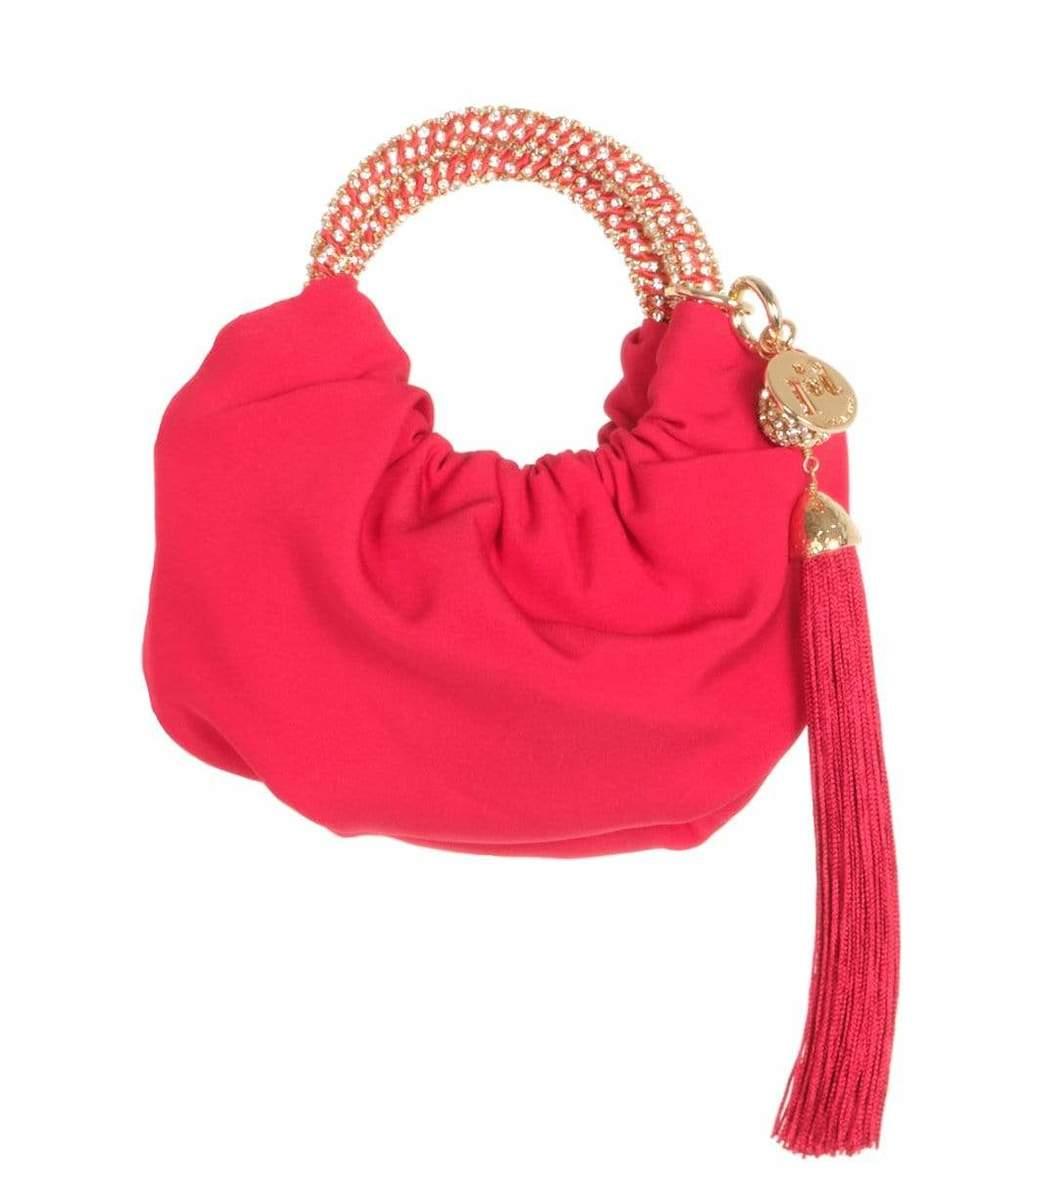 Rosantica Mini Croissant Handbag - Red